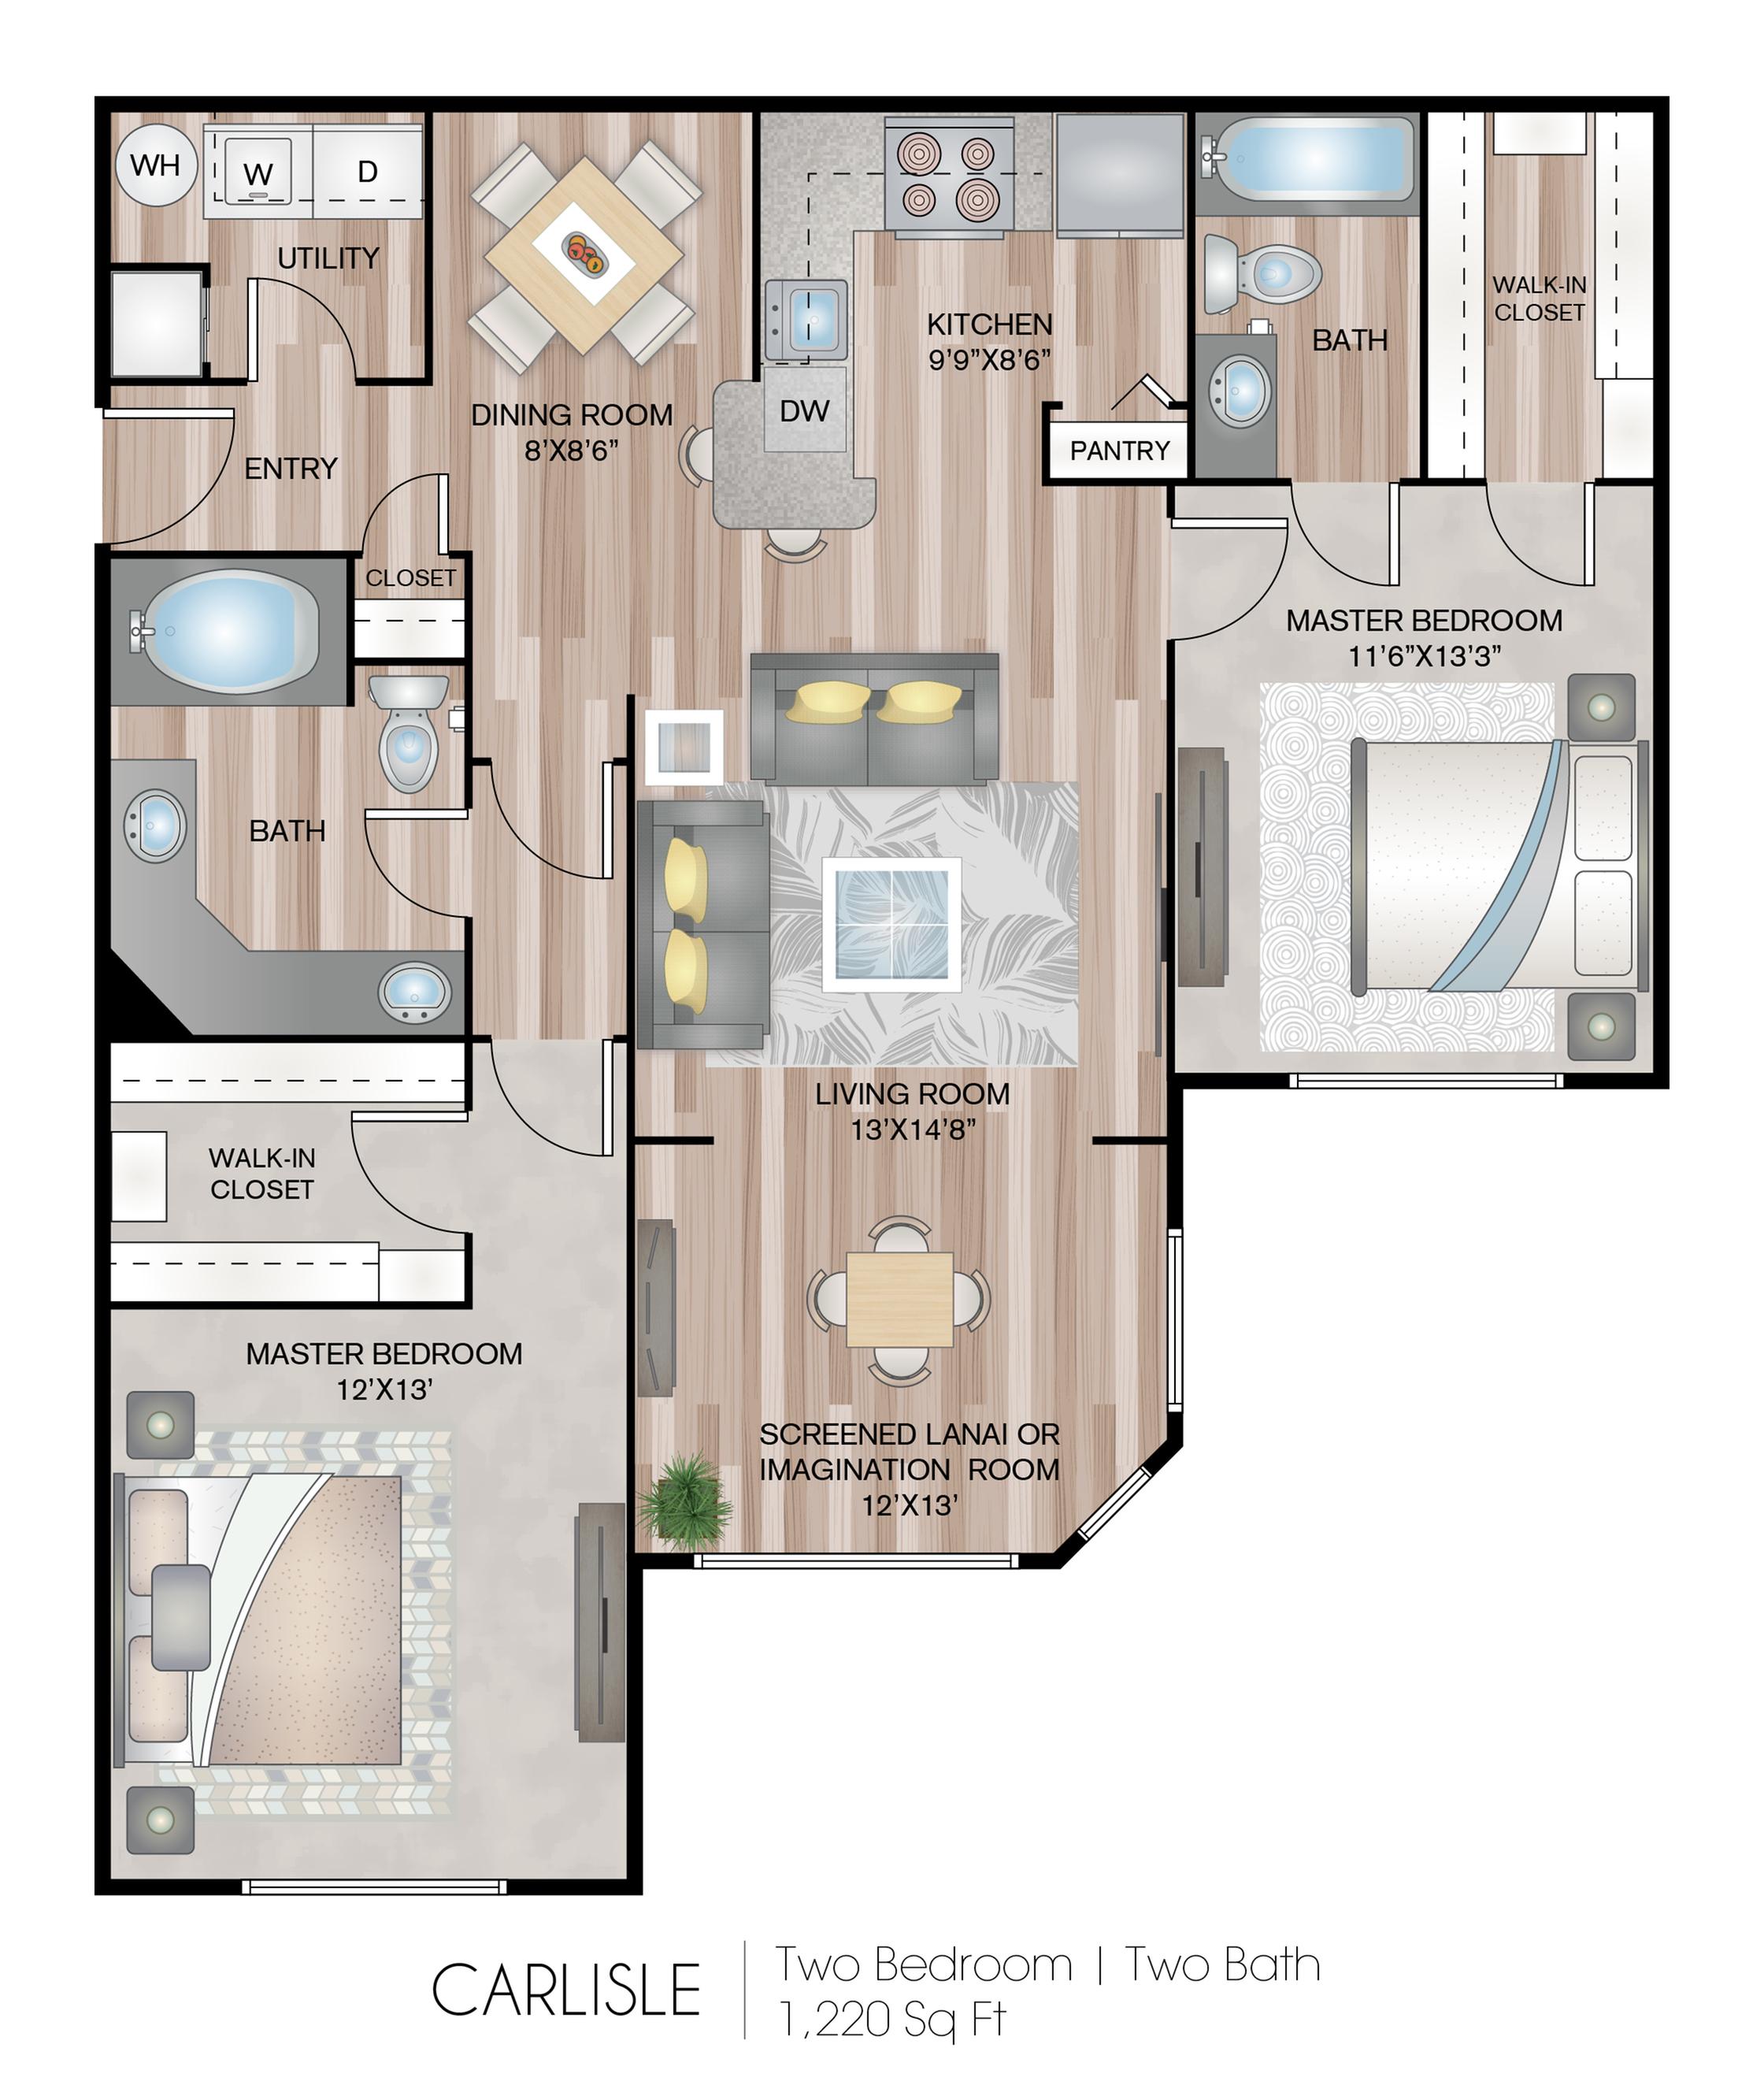 2 Bed / 2 Bath Apartment In Oviedo FL